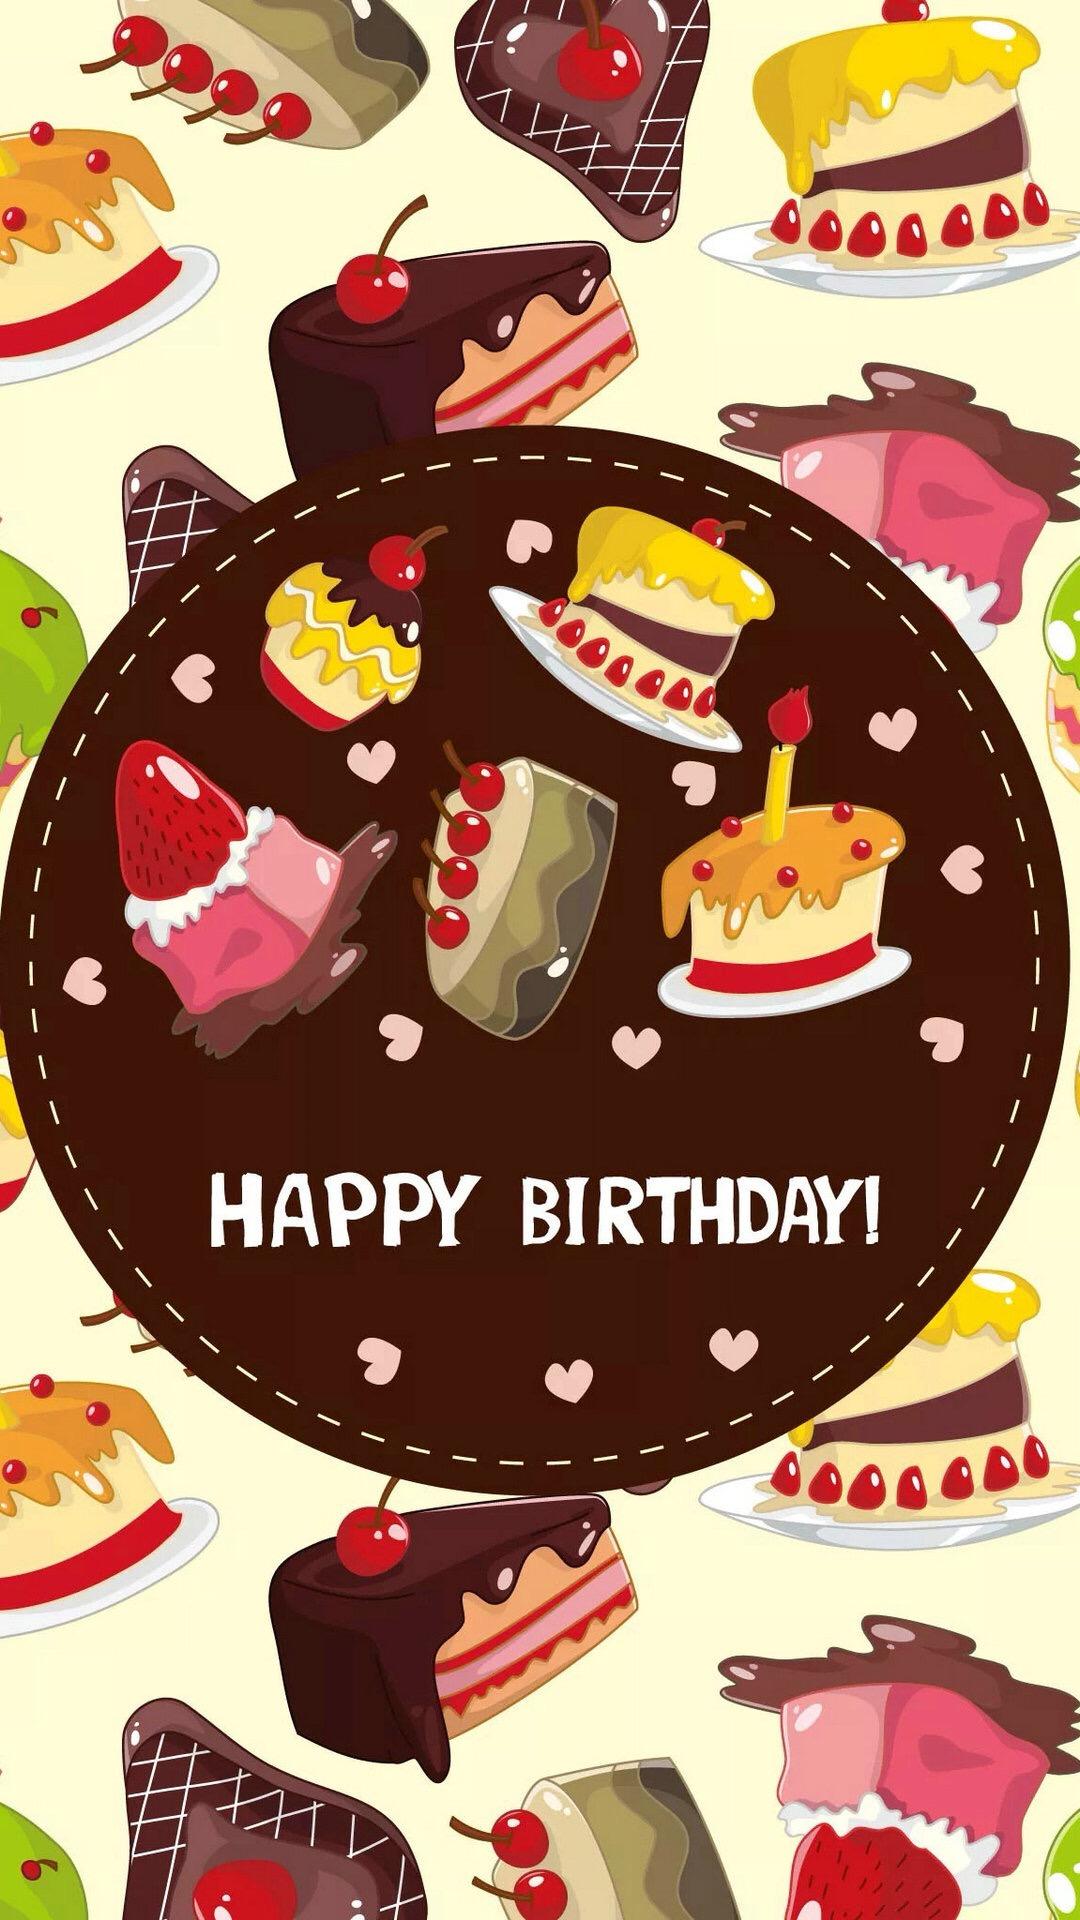 蛋糕 手绘 生日快乐 甜品 糕点 苹果手机高清壁纸 x